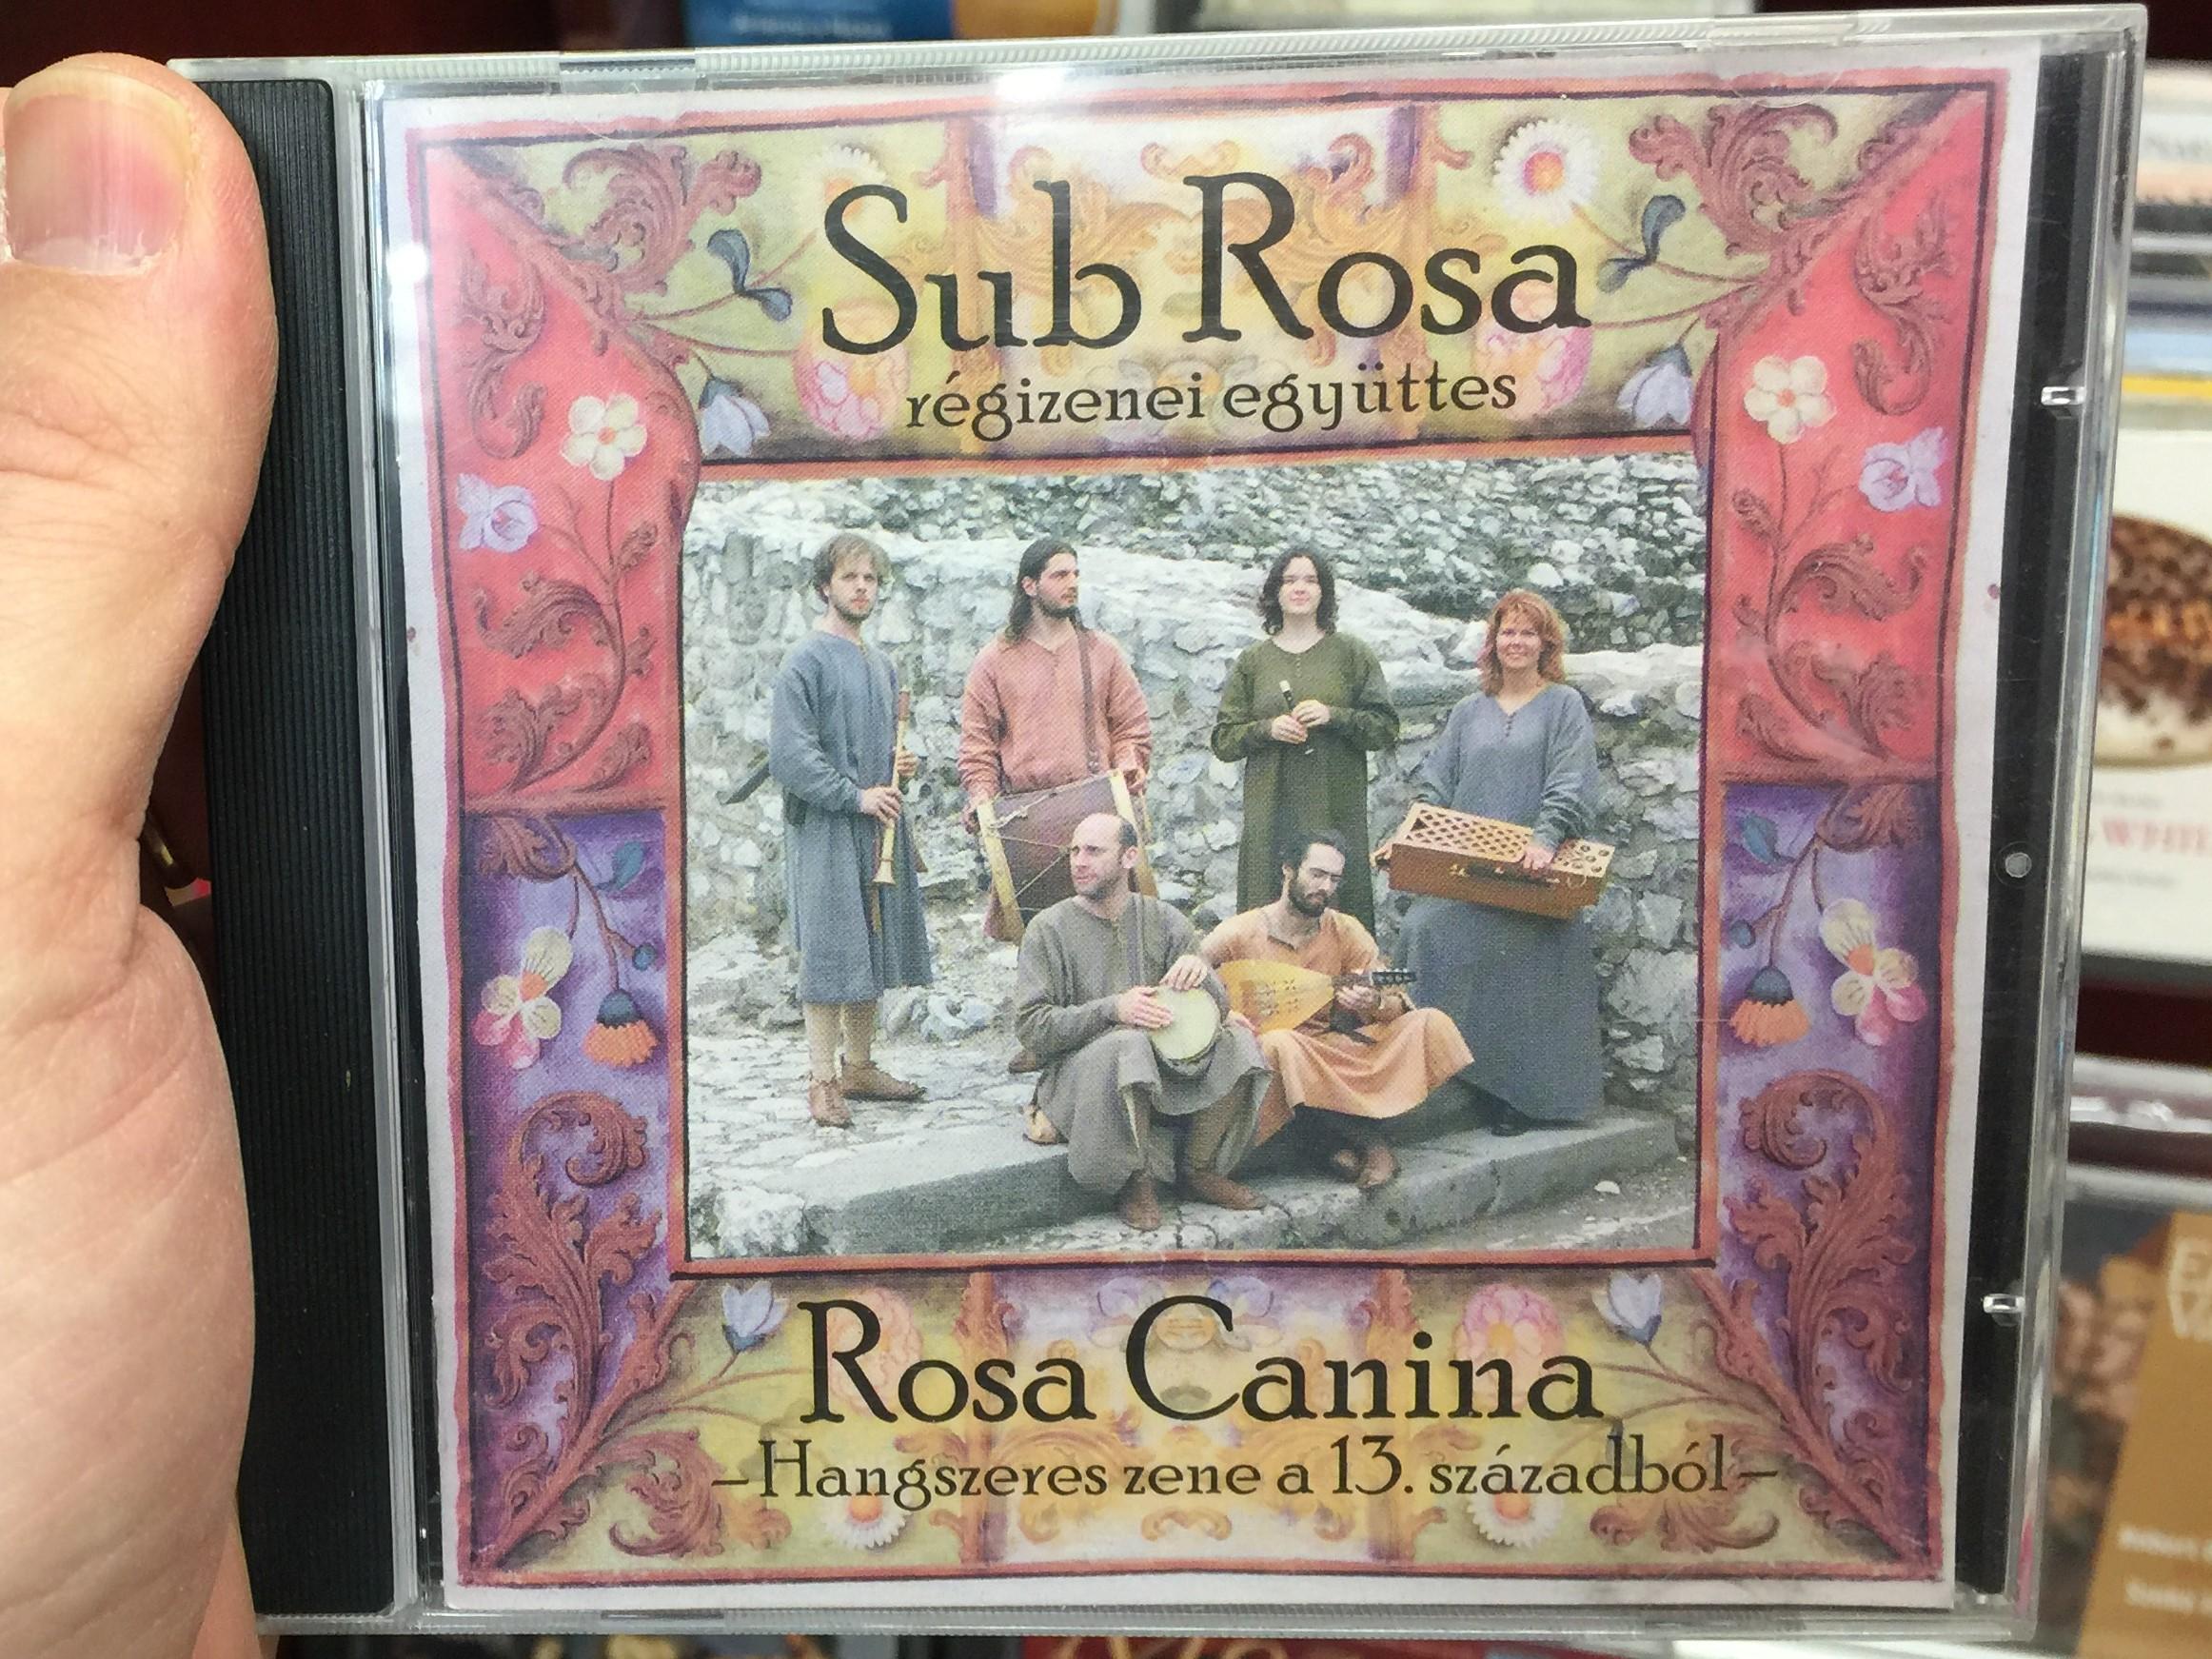 sub-rosa-r-gizenei-egy-ttes-rosa-canina-hangszeres-zene-a-13.-sz-zadb-l-audio-cd-2008-eben-cd-01-1-.jpg